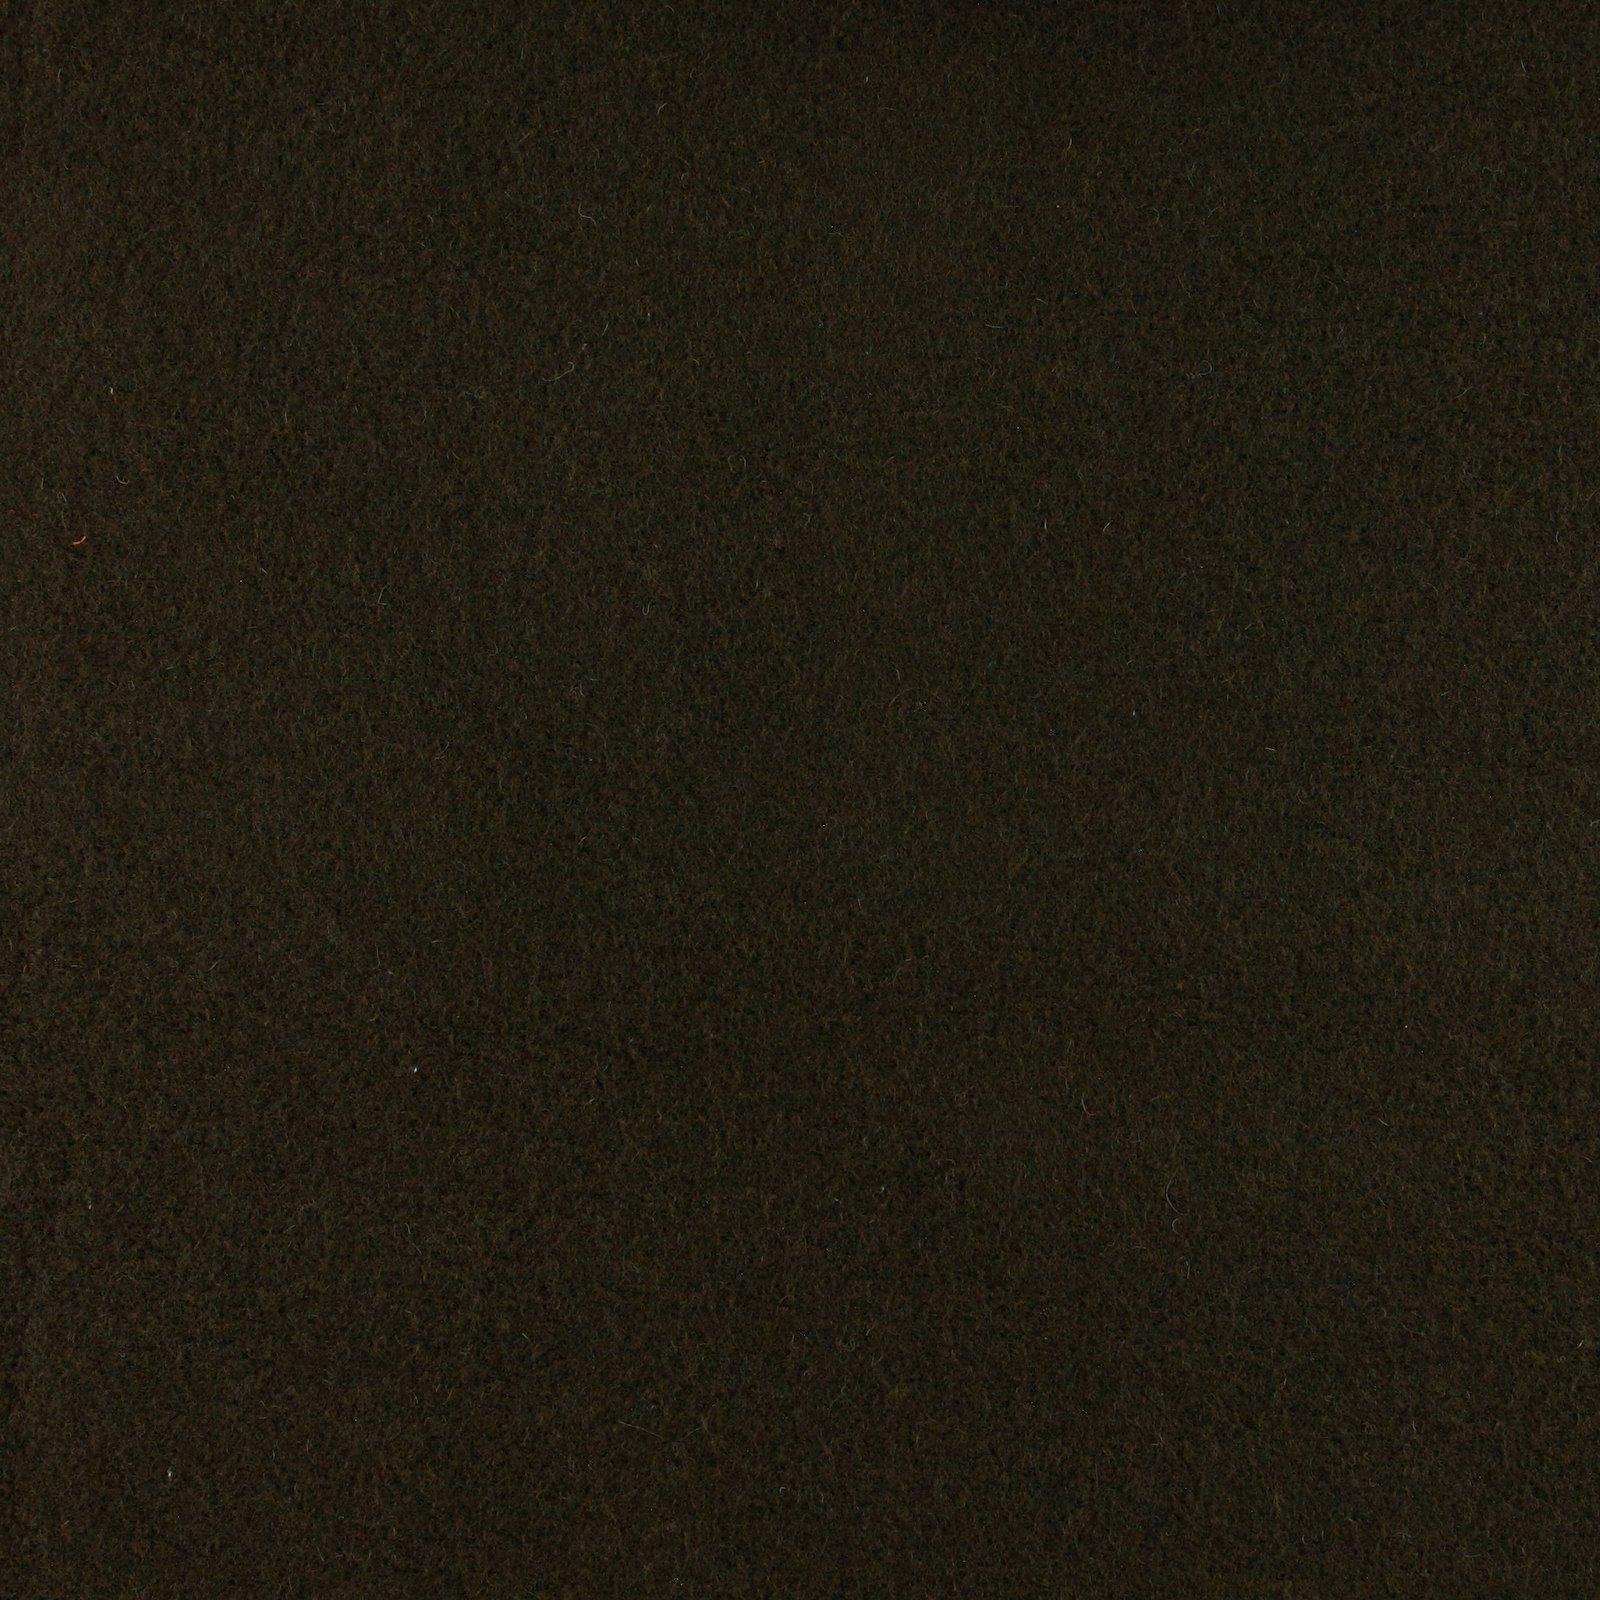 Wool felt olive melange 310331_pack_solid